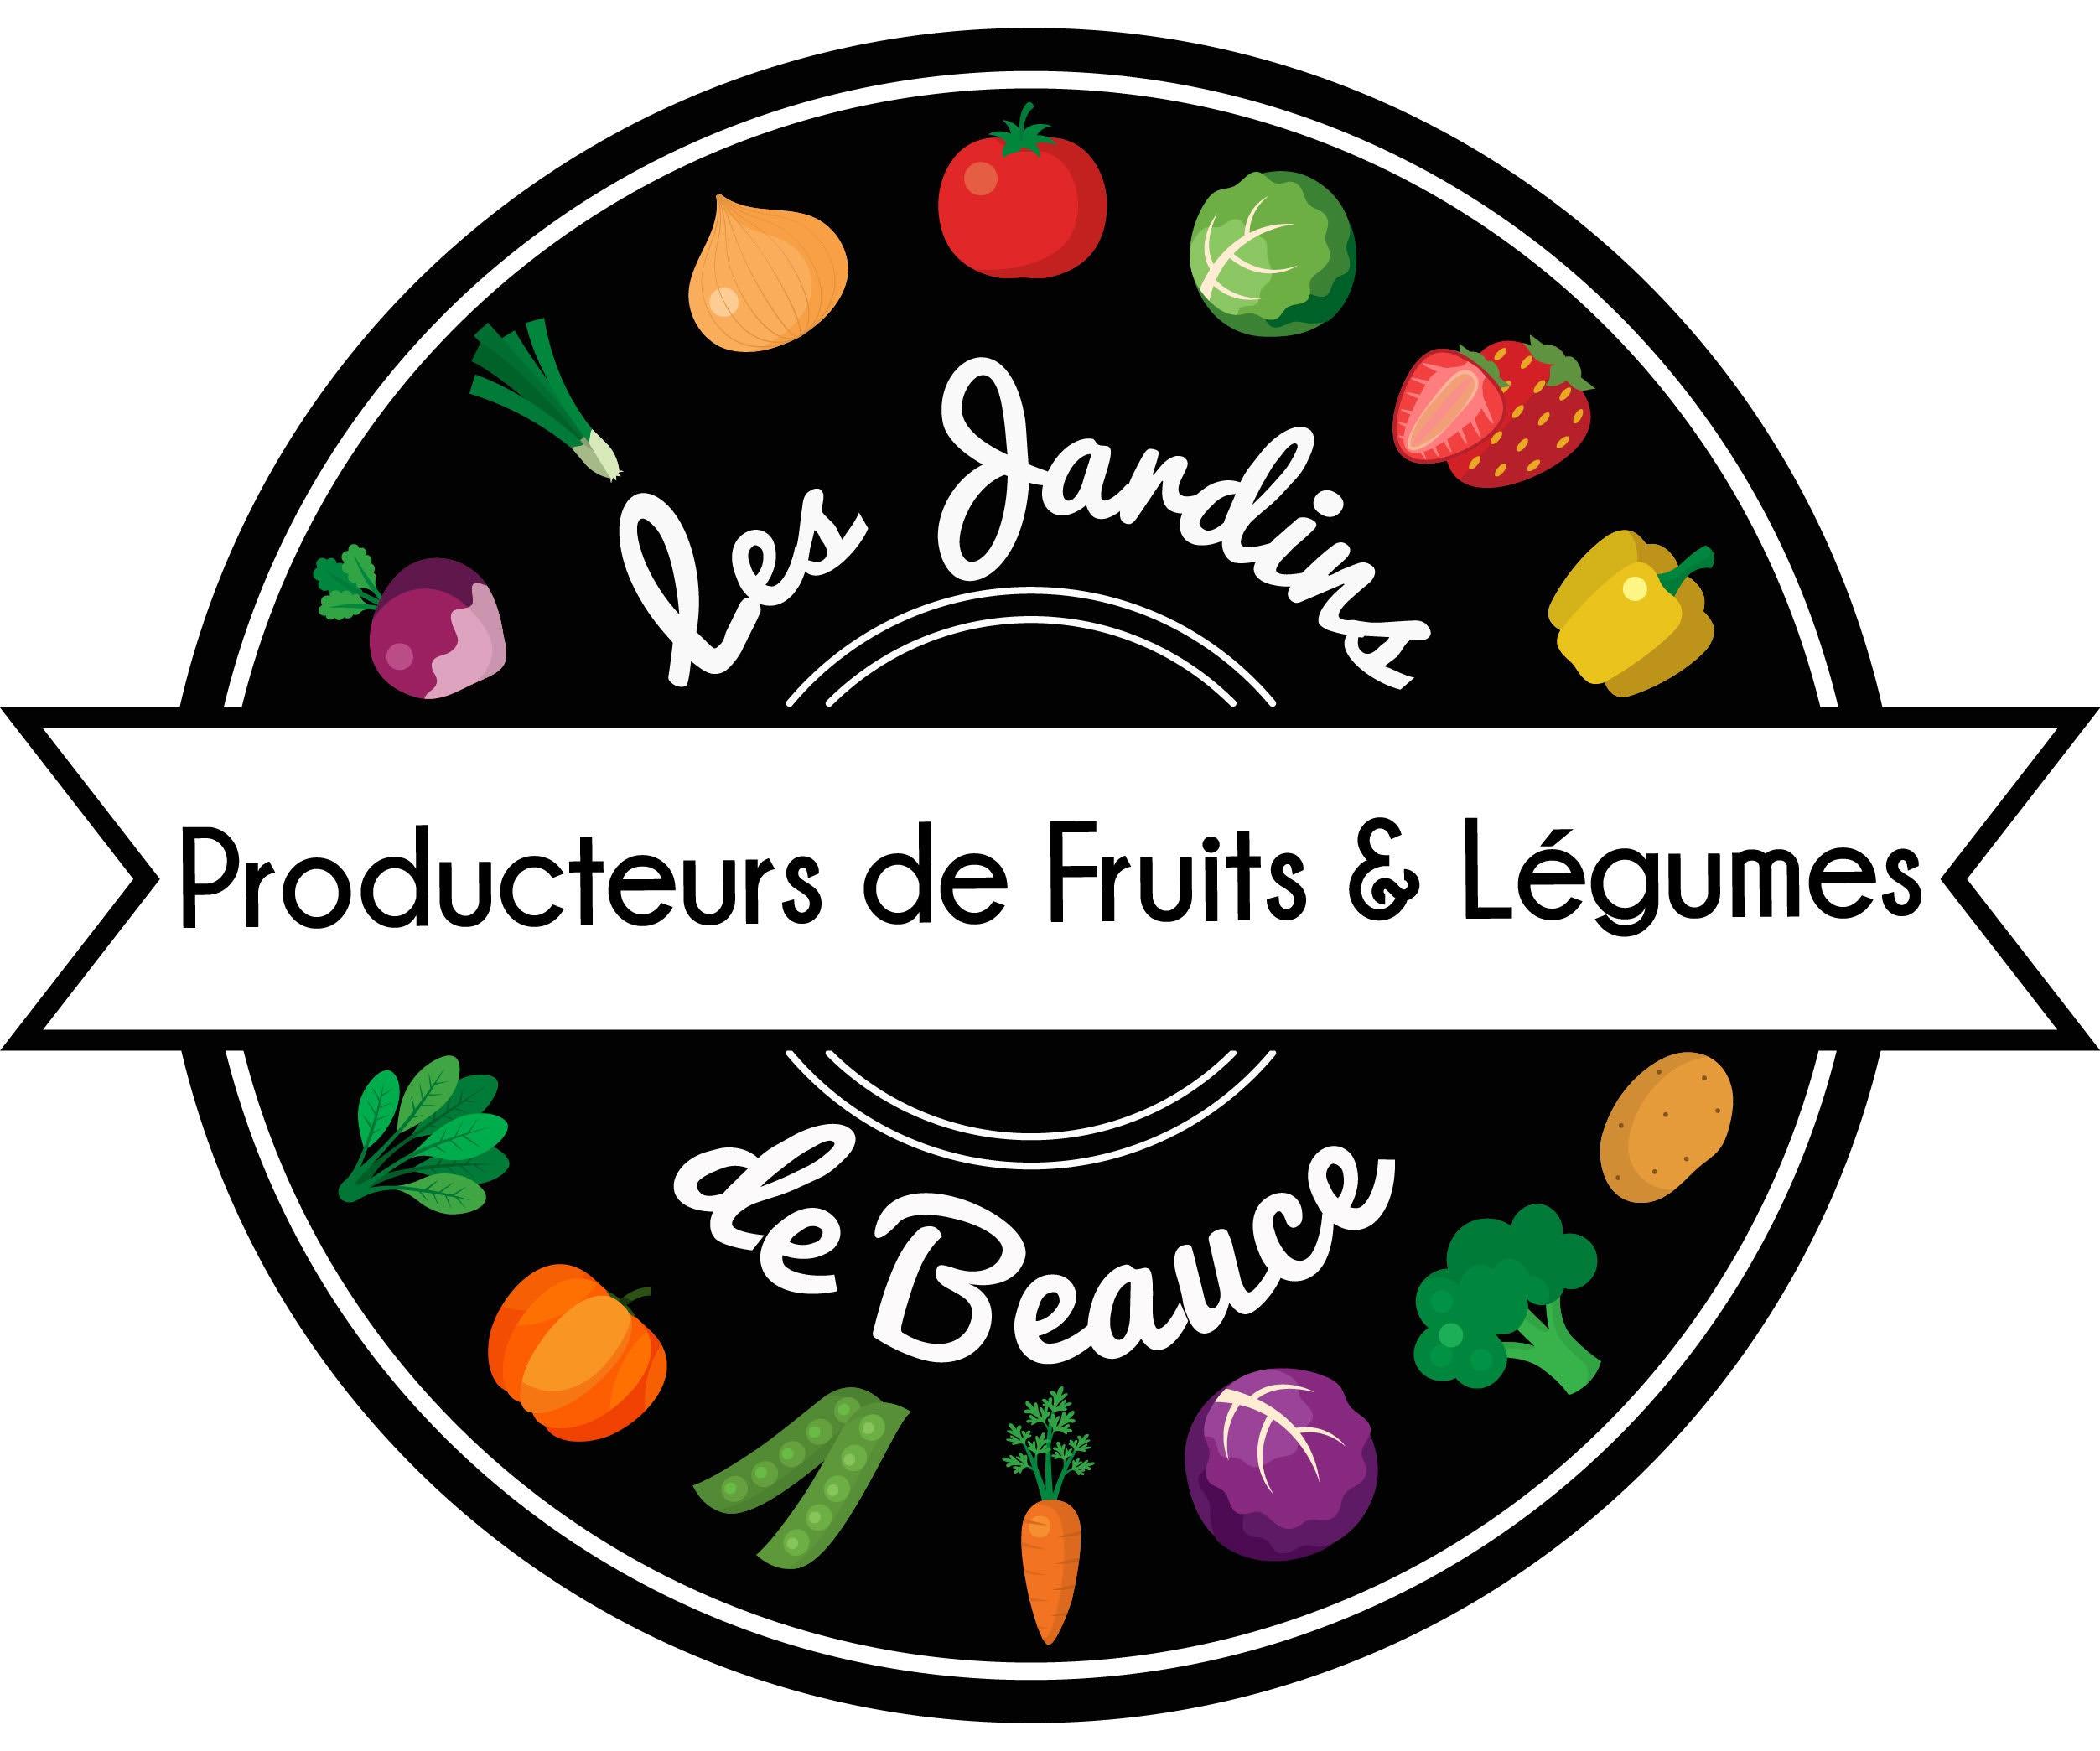 les_jardins_de_beauce_logo